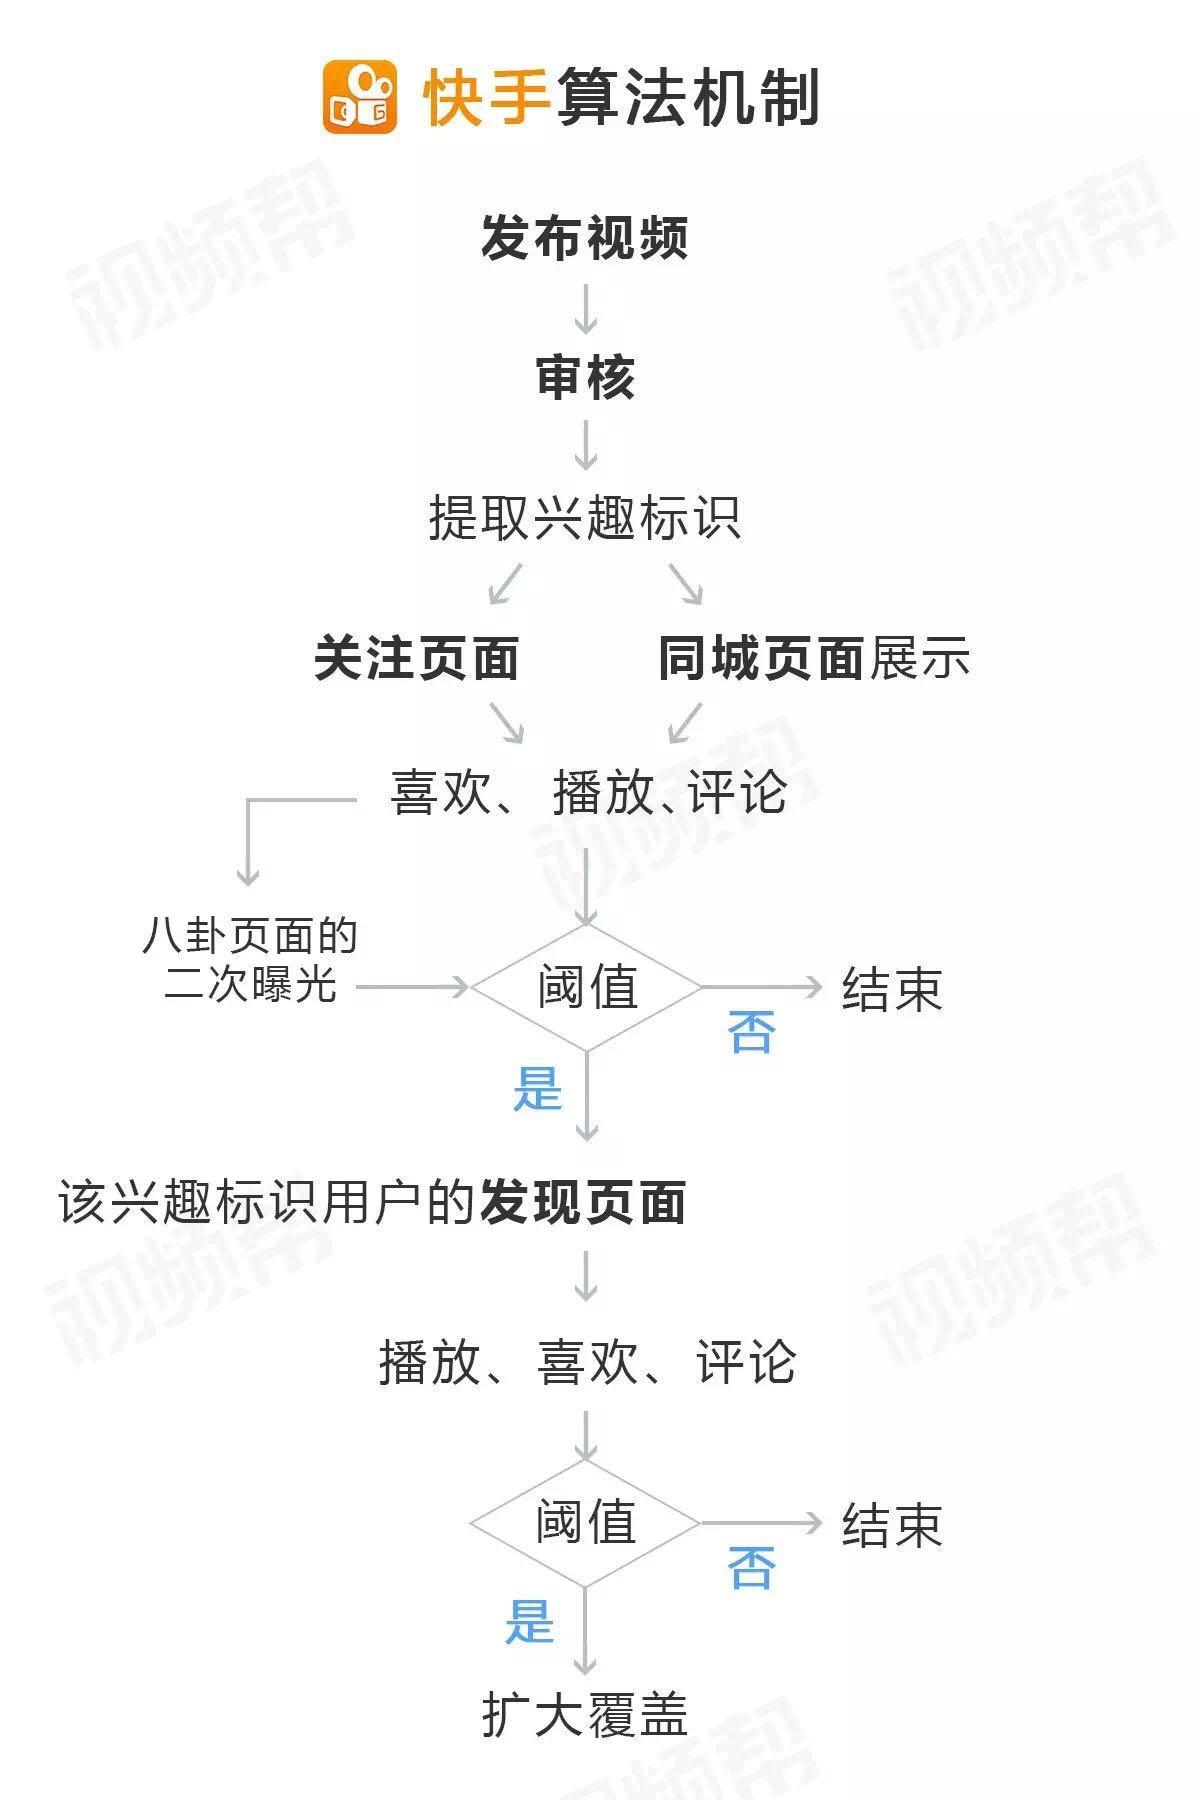 快手的算法机制(来源:视频帮《PGC短视频主的快手运营指南》)